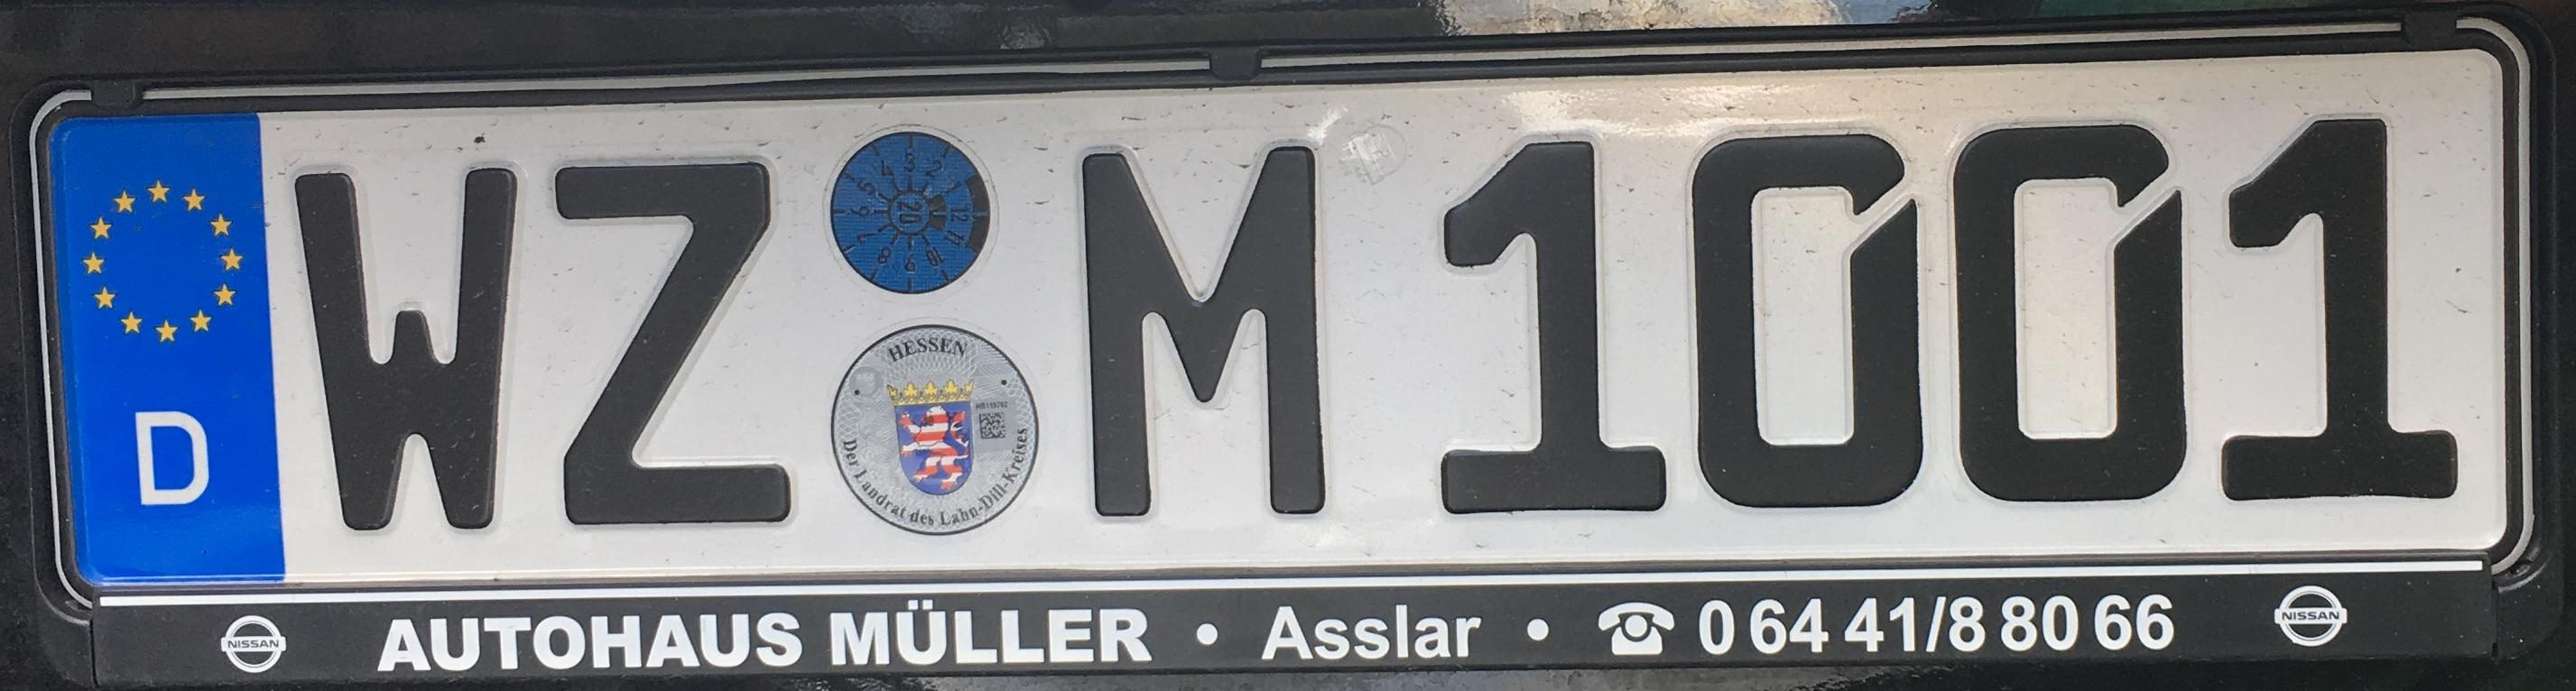 Registrační značka Německo – WZ – Wetzlar, foto: www.podalnici.cz